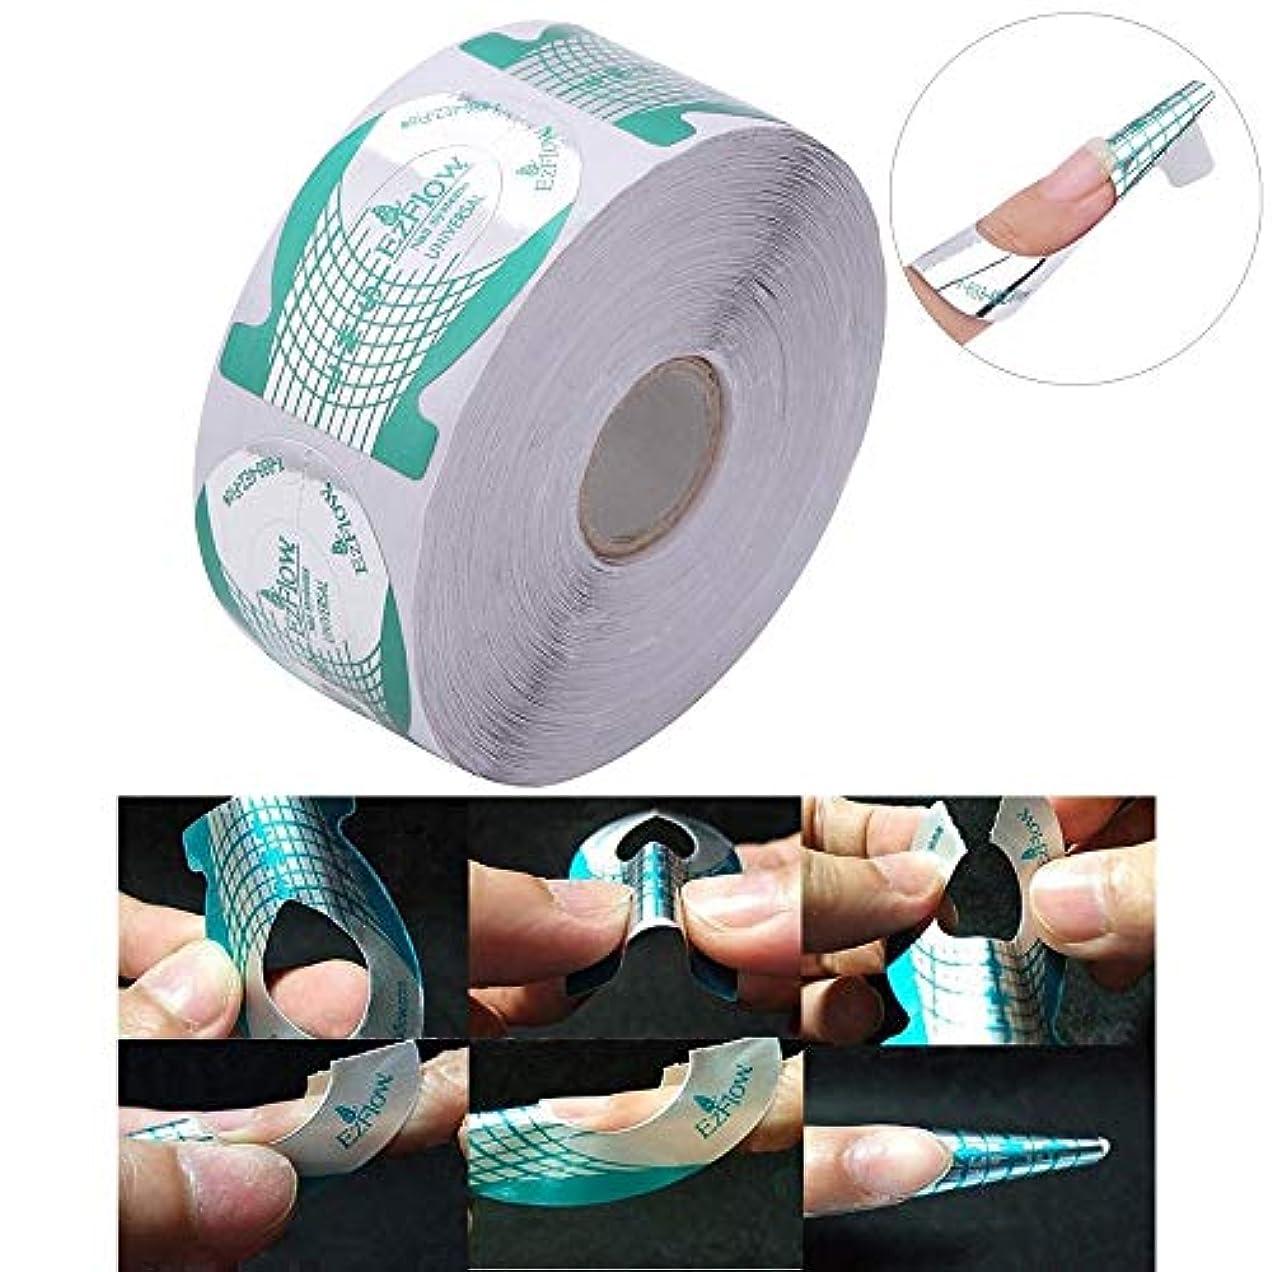 占める電気技師現在500pcs/roll Nail Art French Green Missile Shape Forms Acrylic Curve Polish UV Gel Extension Builder Guide Stencil...